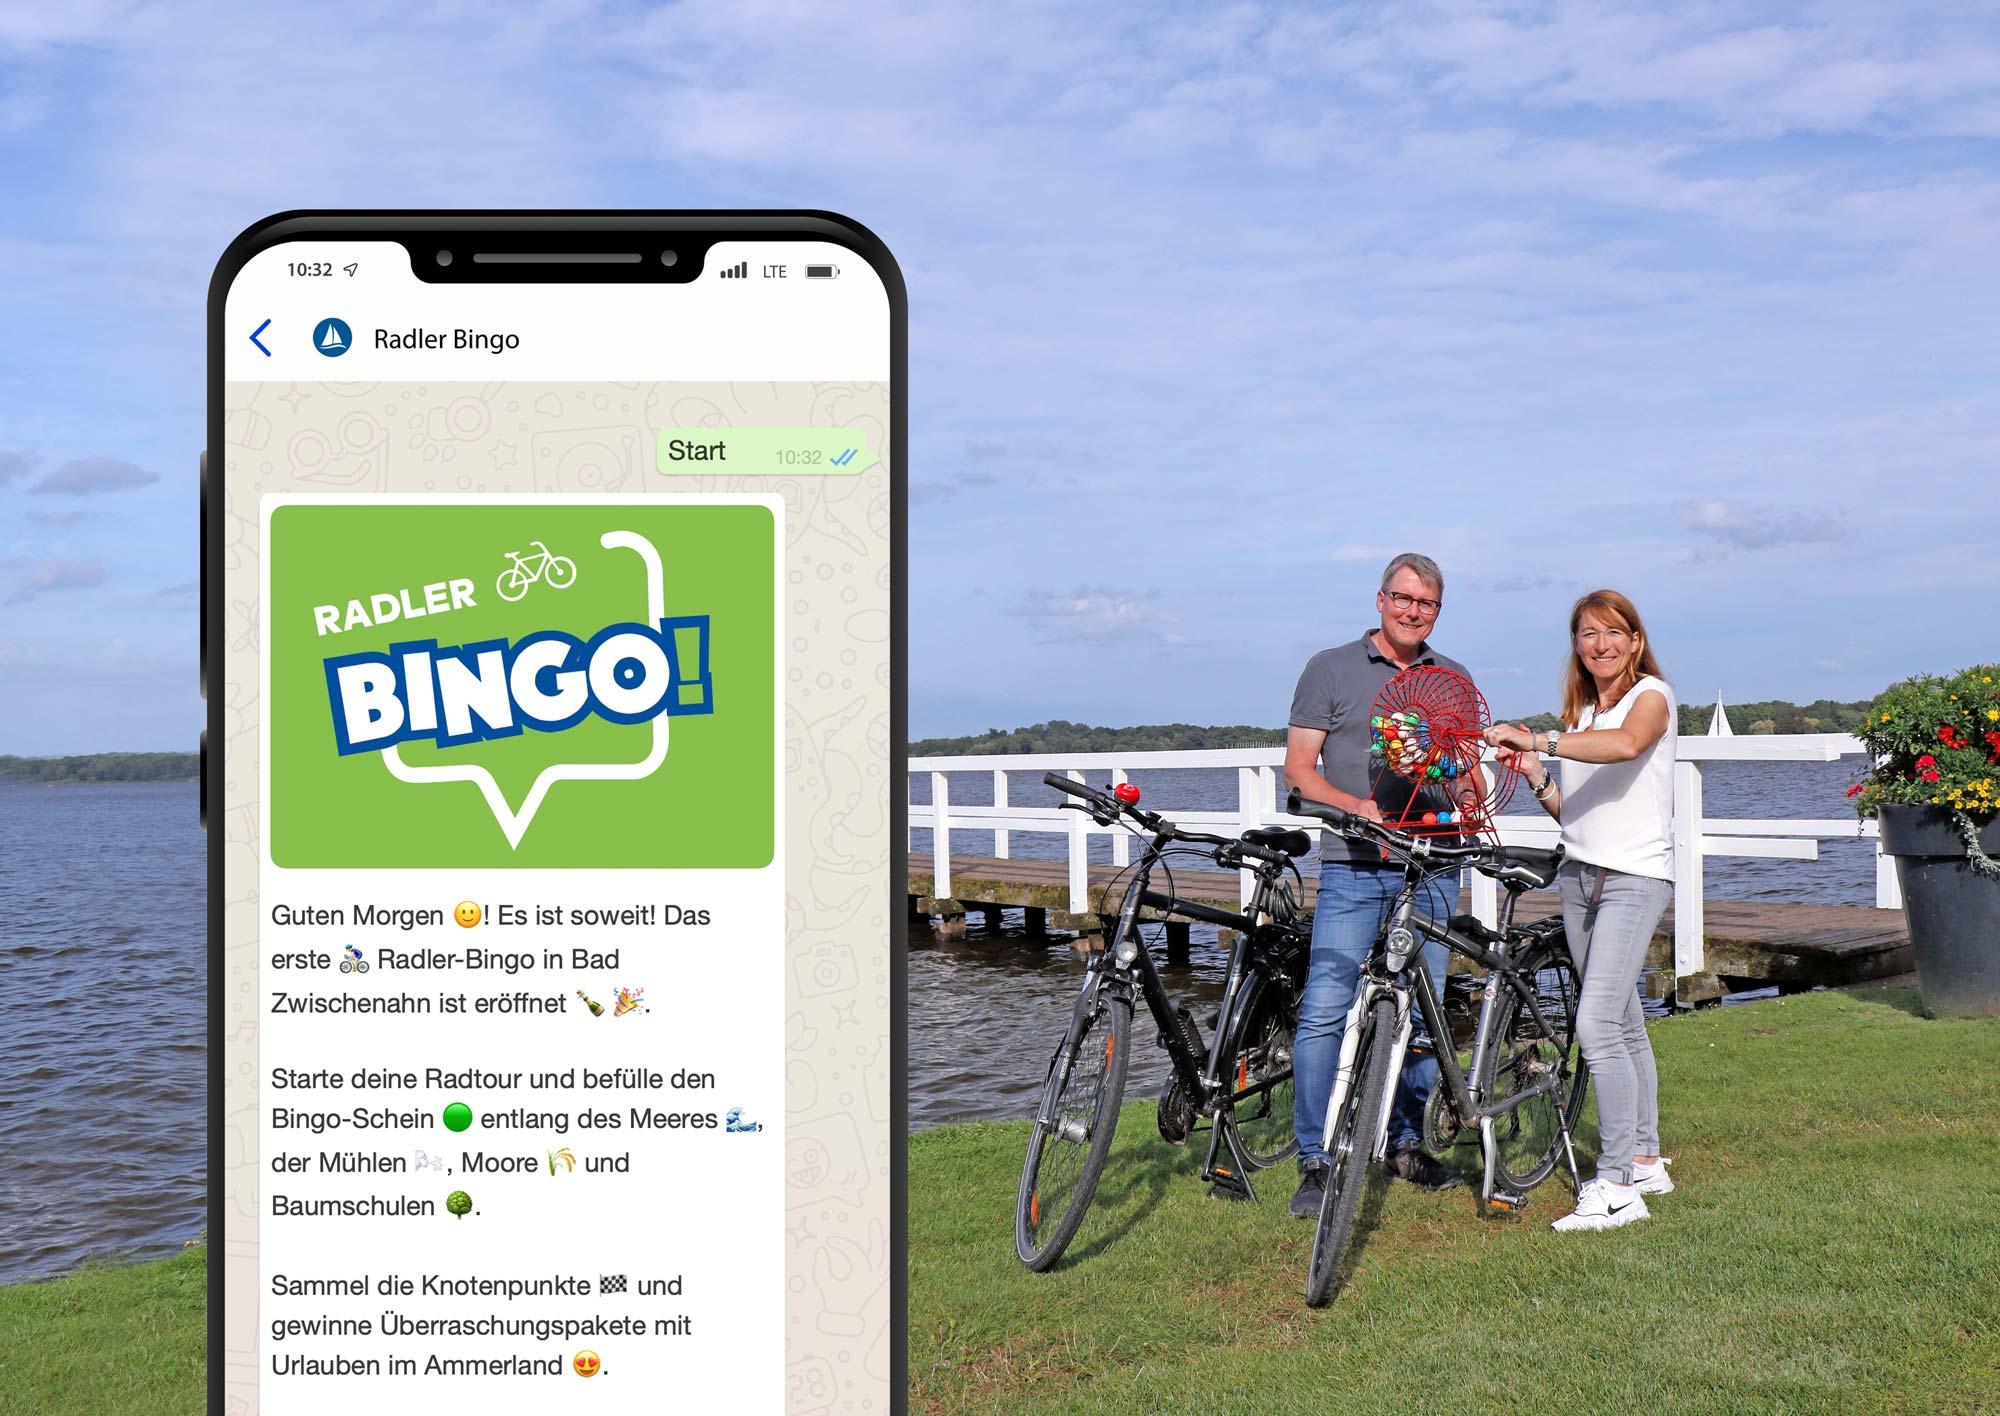 Radler Bingo in Bad Zwischenahn. Das Bingo Spiel für das Ammerland zum Radfahren